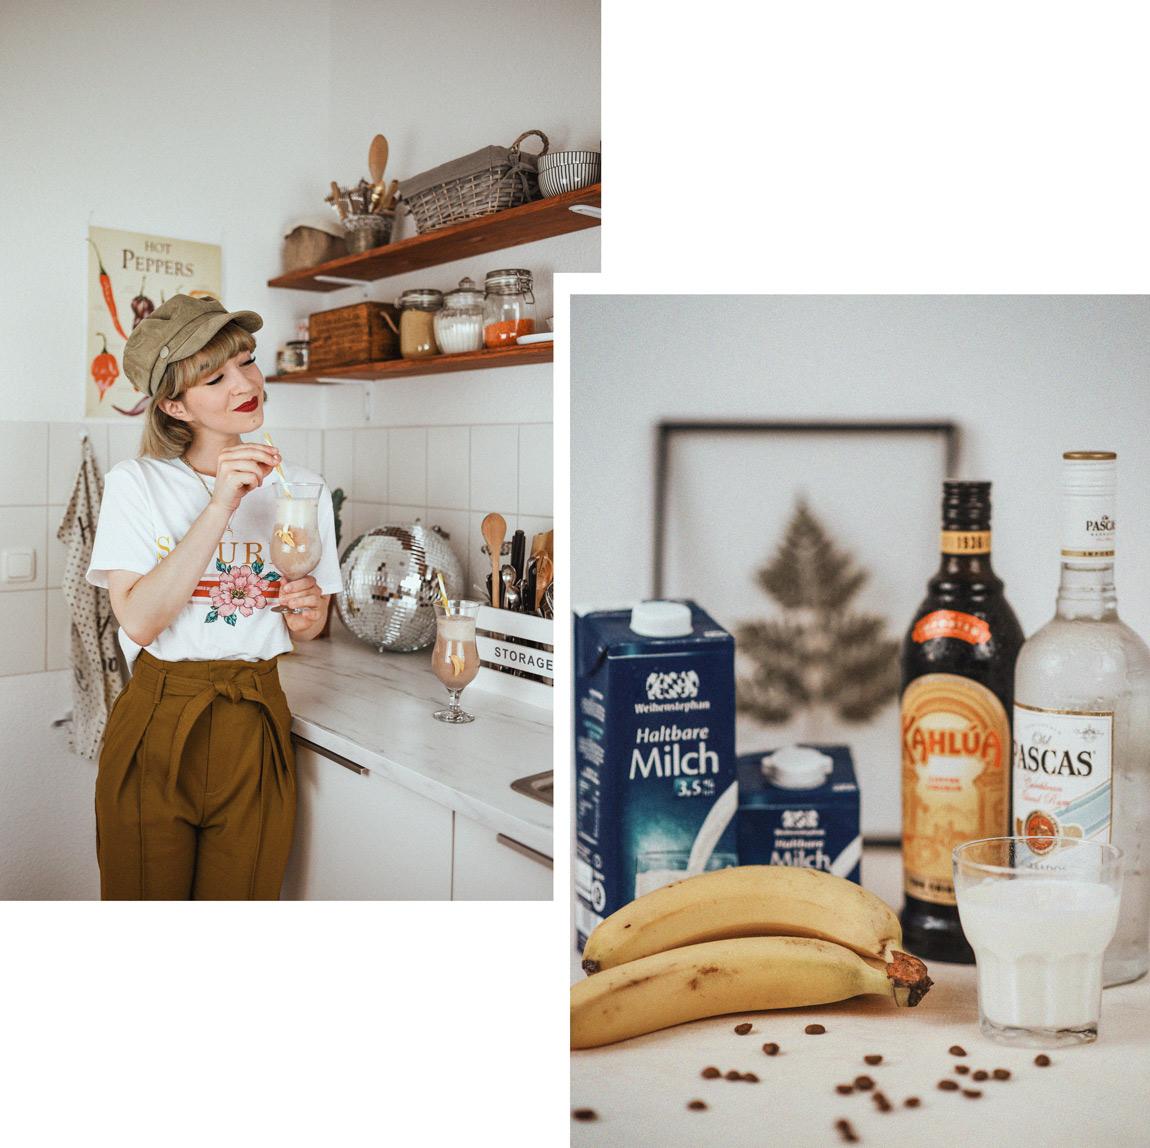 cocktail, rezept, kahlua, milch, weihenstephan, molkerei, lifestyle, drink, sommer, berlin, blog, blogger, food, küche, interior, retro, nostalgie